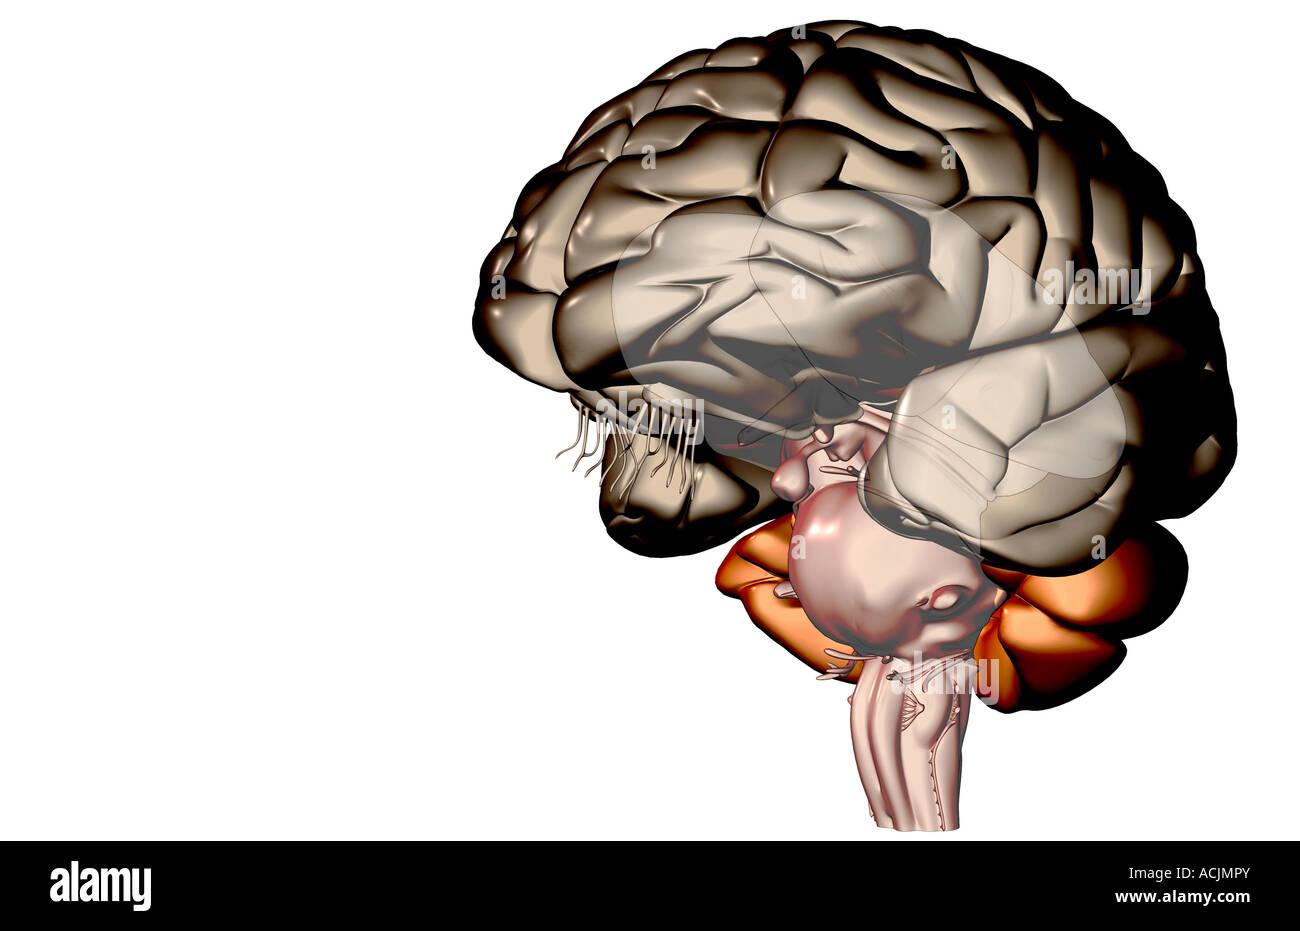 Wunderbar Körperumrissbild Fotos - Menschliche Anatomie Bilder ...